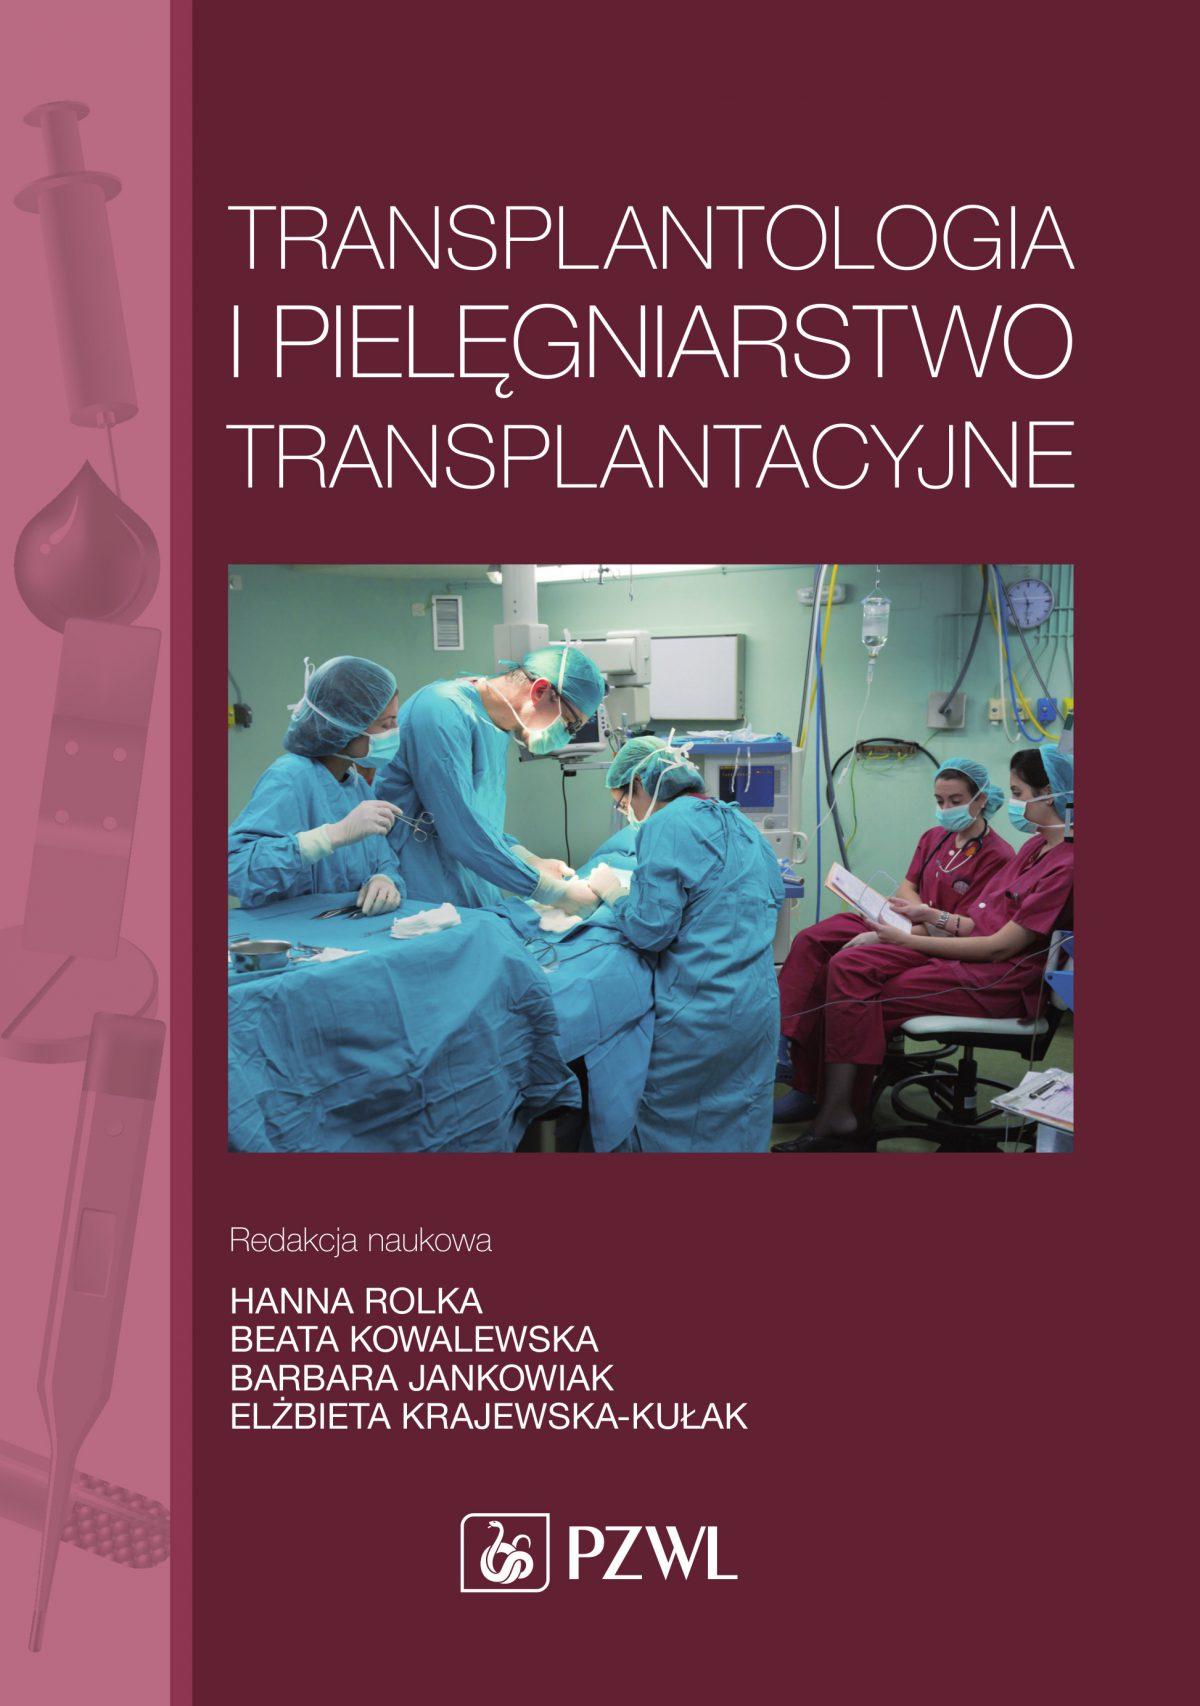 Transplantologia i pielęgniarstwo transplantacyjne - Ebook (Książka EPUB) do pobrania w formacie EPUB